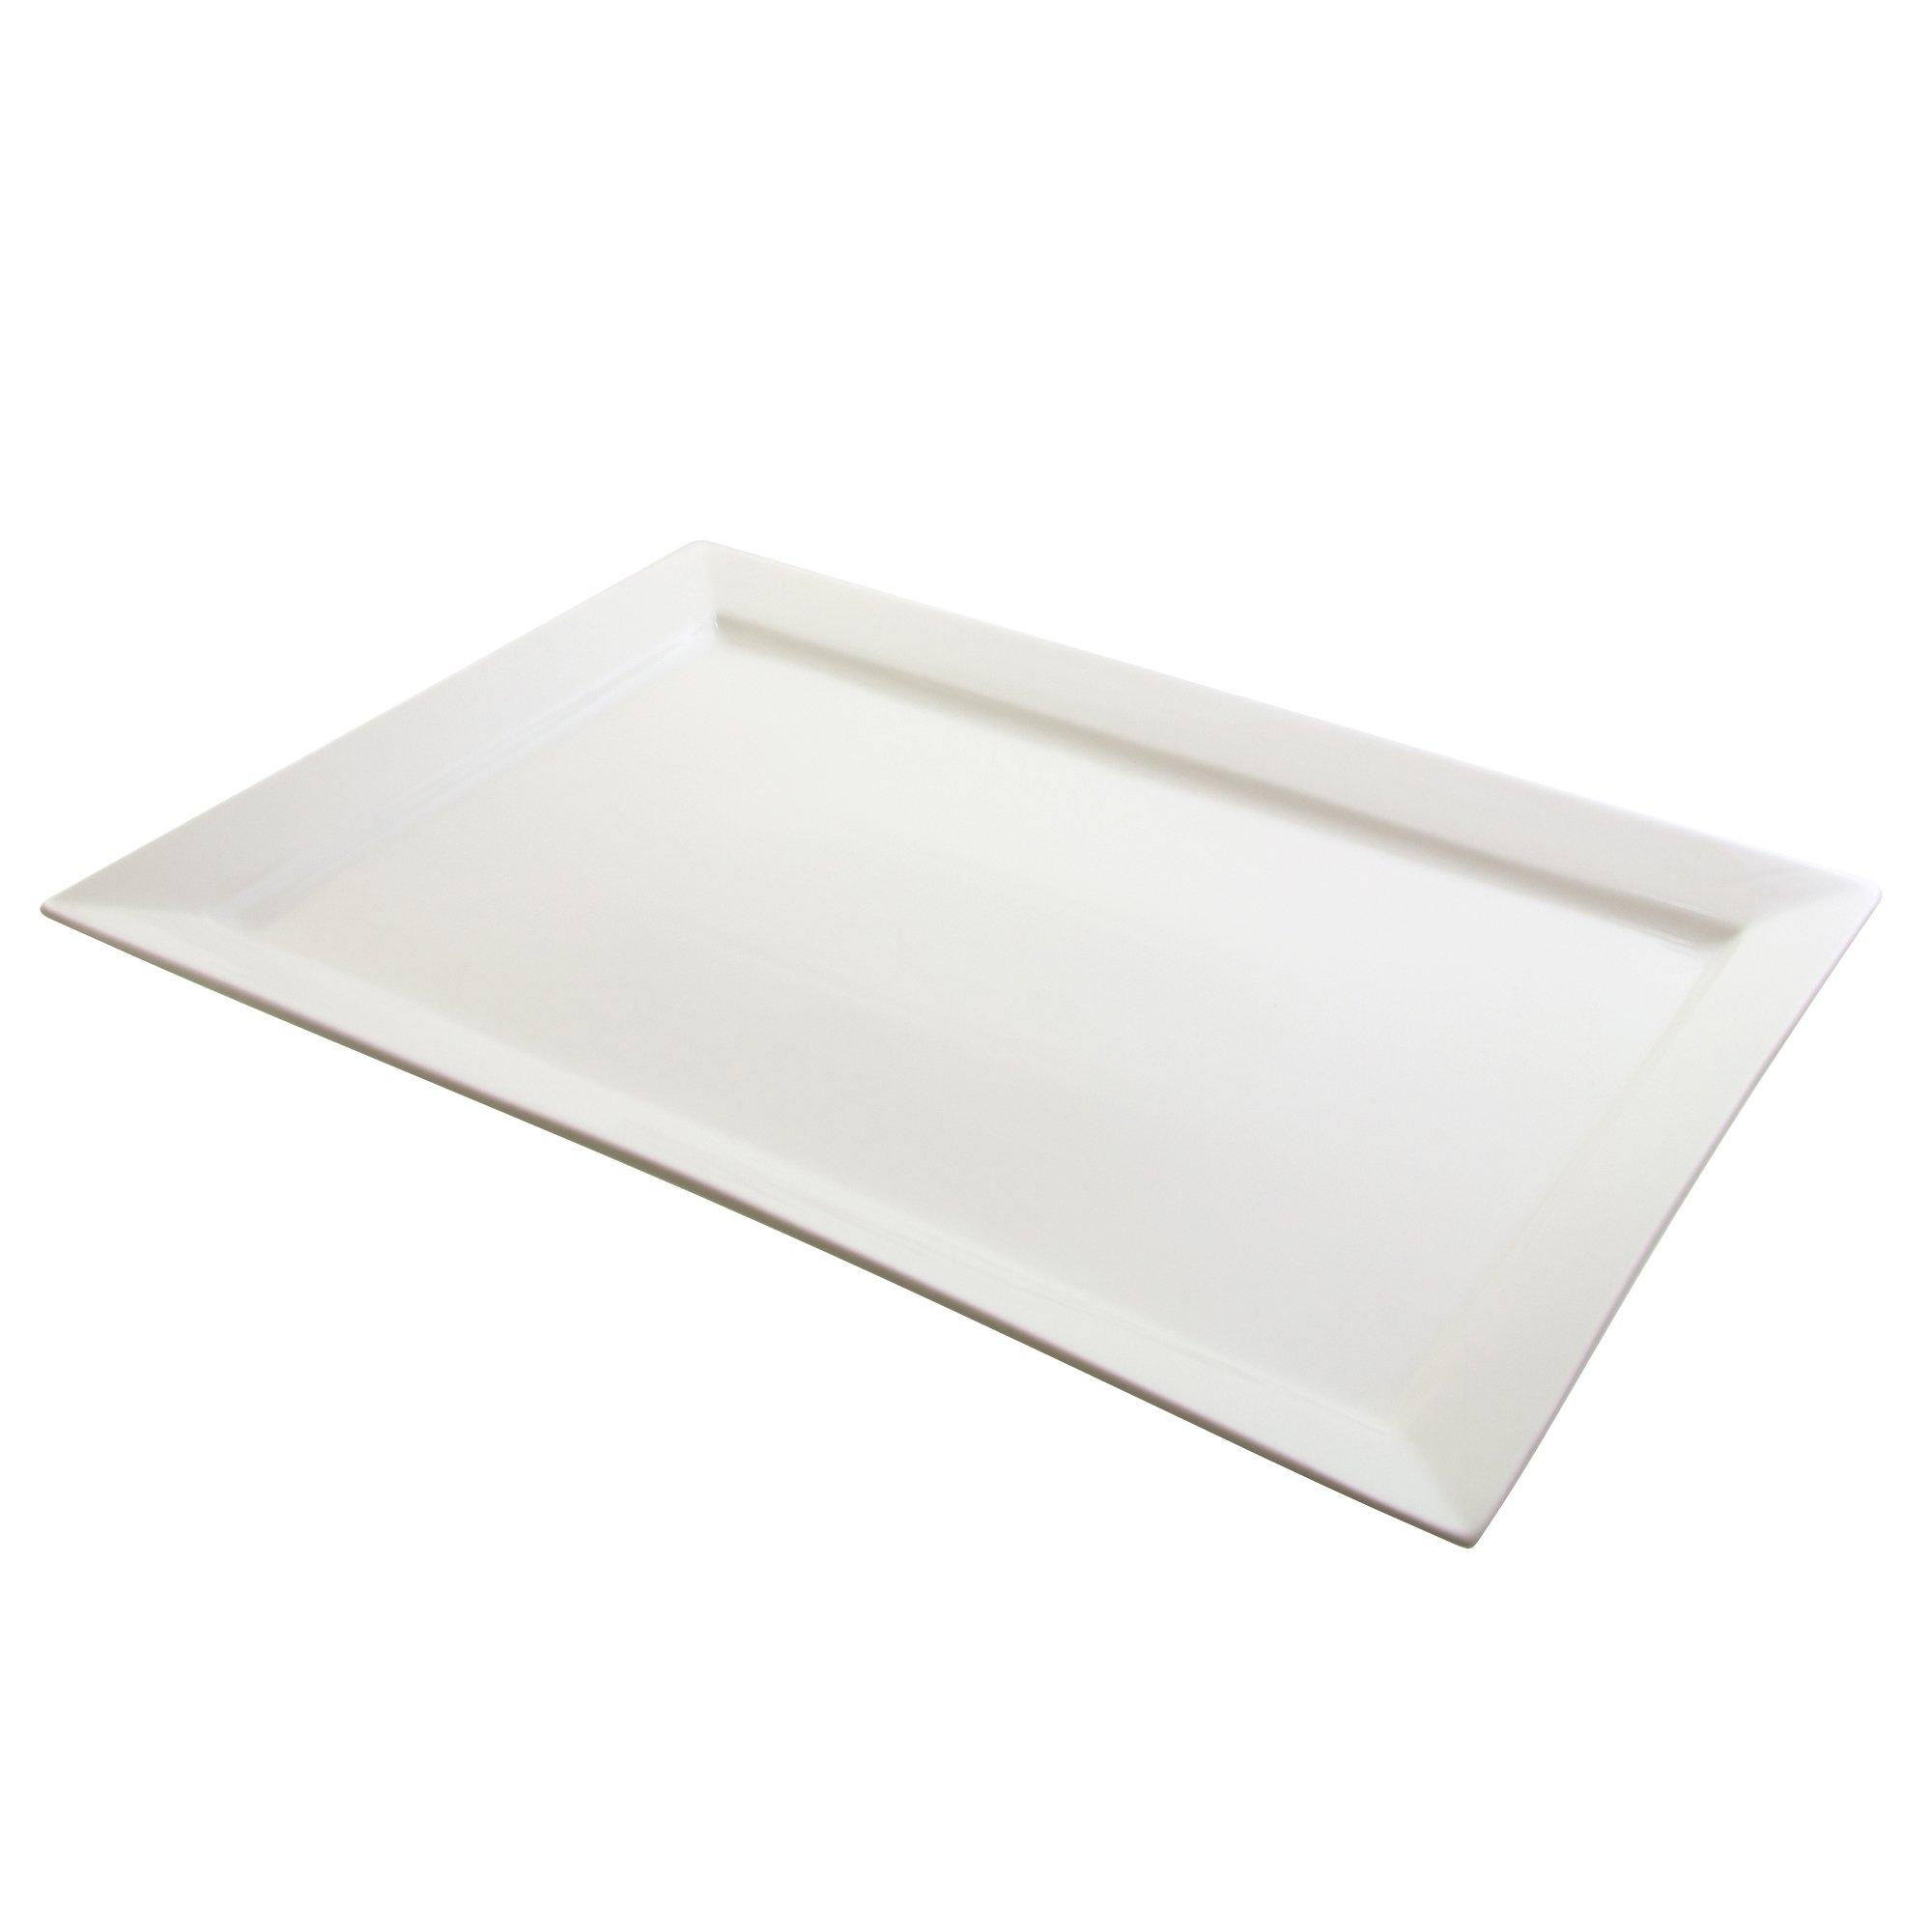 10 Strawberry Street Whittier 21.75'' x 14.75'' Rectangular Platter, White